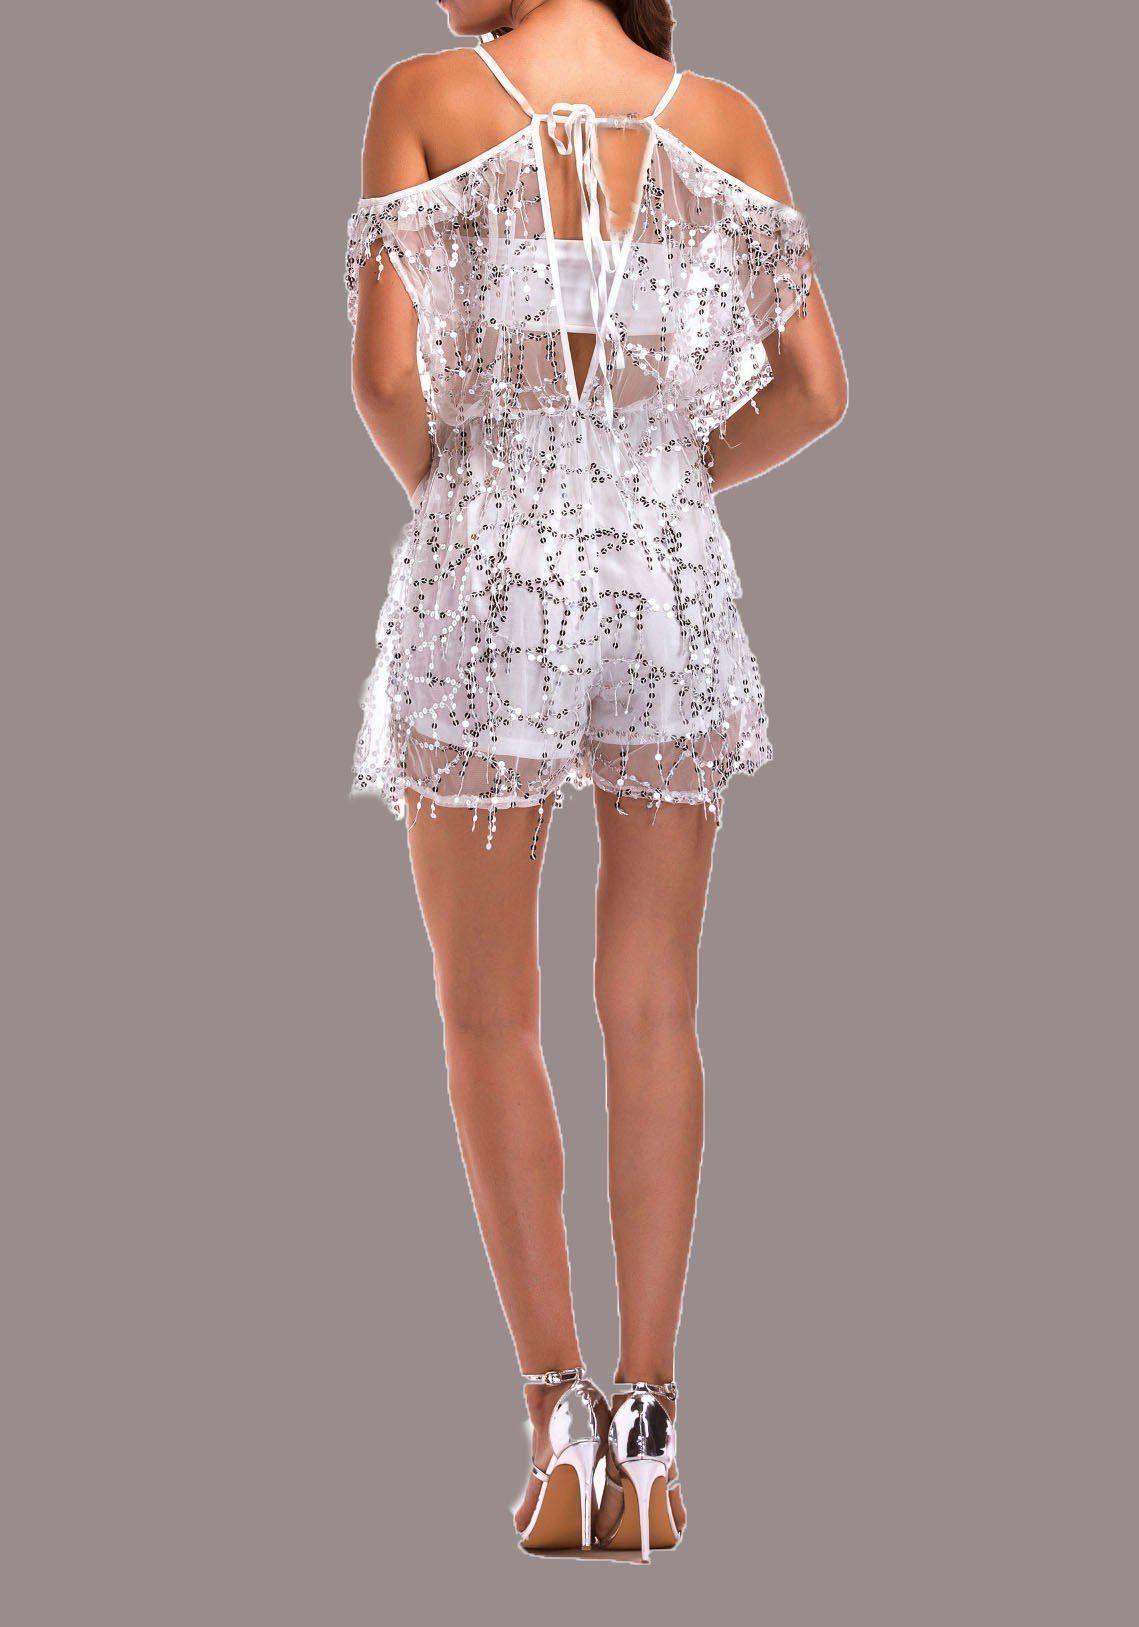 9cef1c7c0ed White Patchwork Sequin Tassel Tie Back Backless Off Shoulder Short Jumpsuit